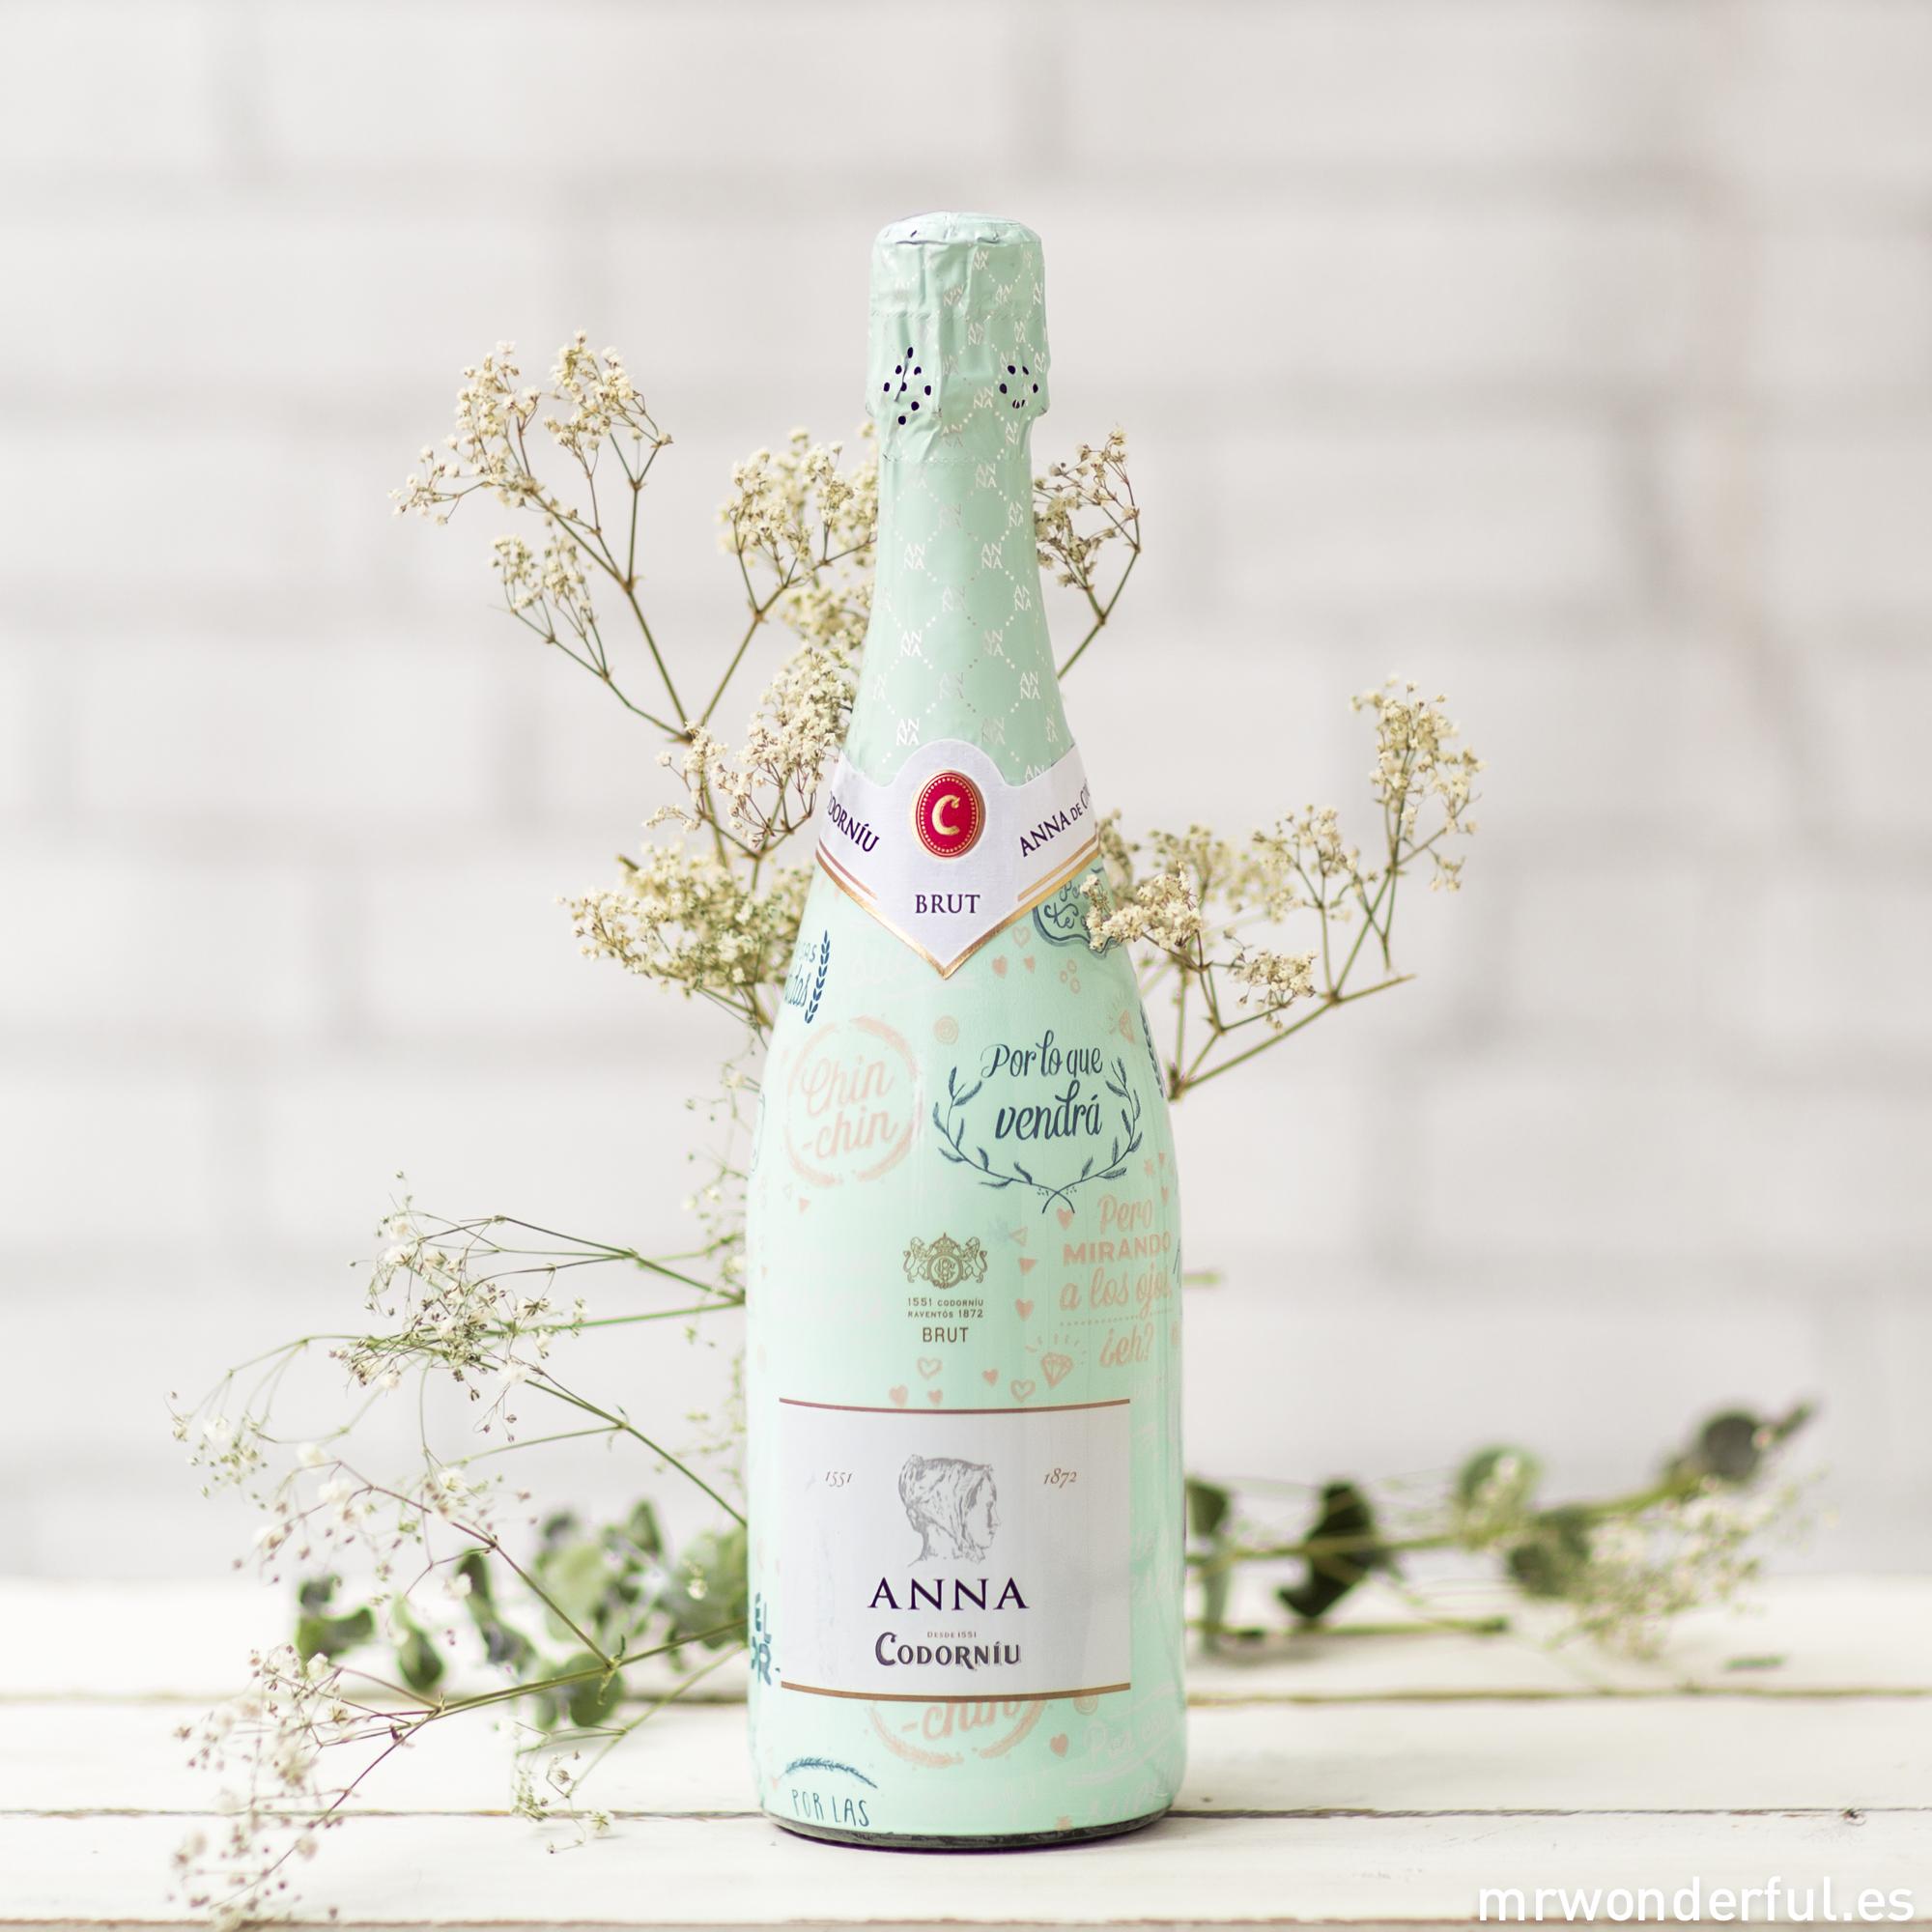 mrwonderful_codorniu_anna-botella_cava-21-2-2